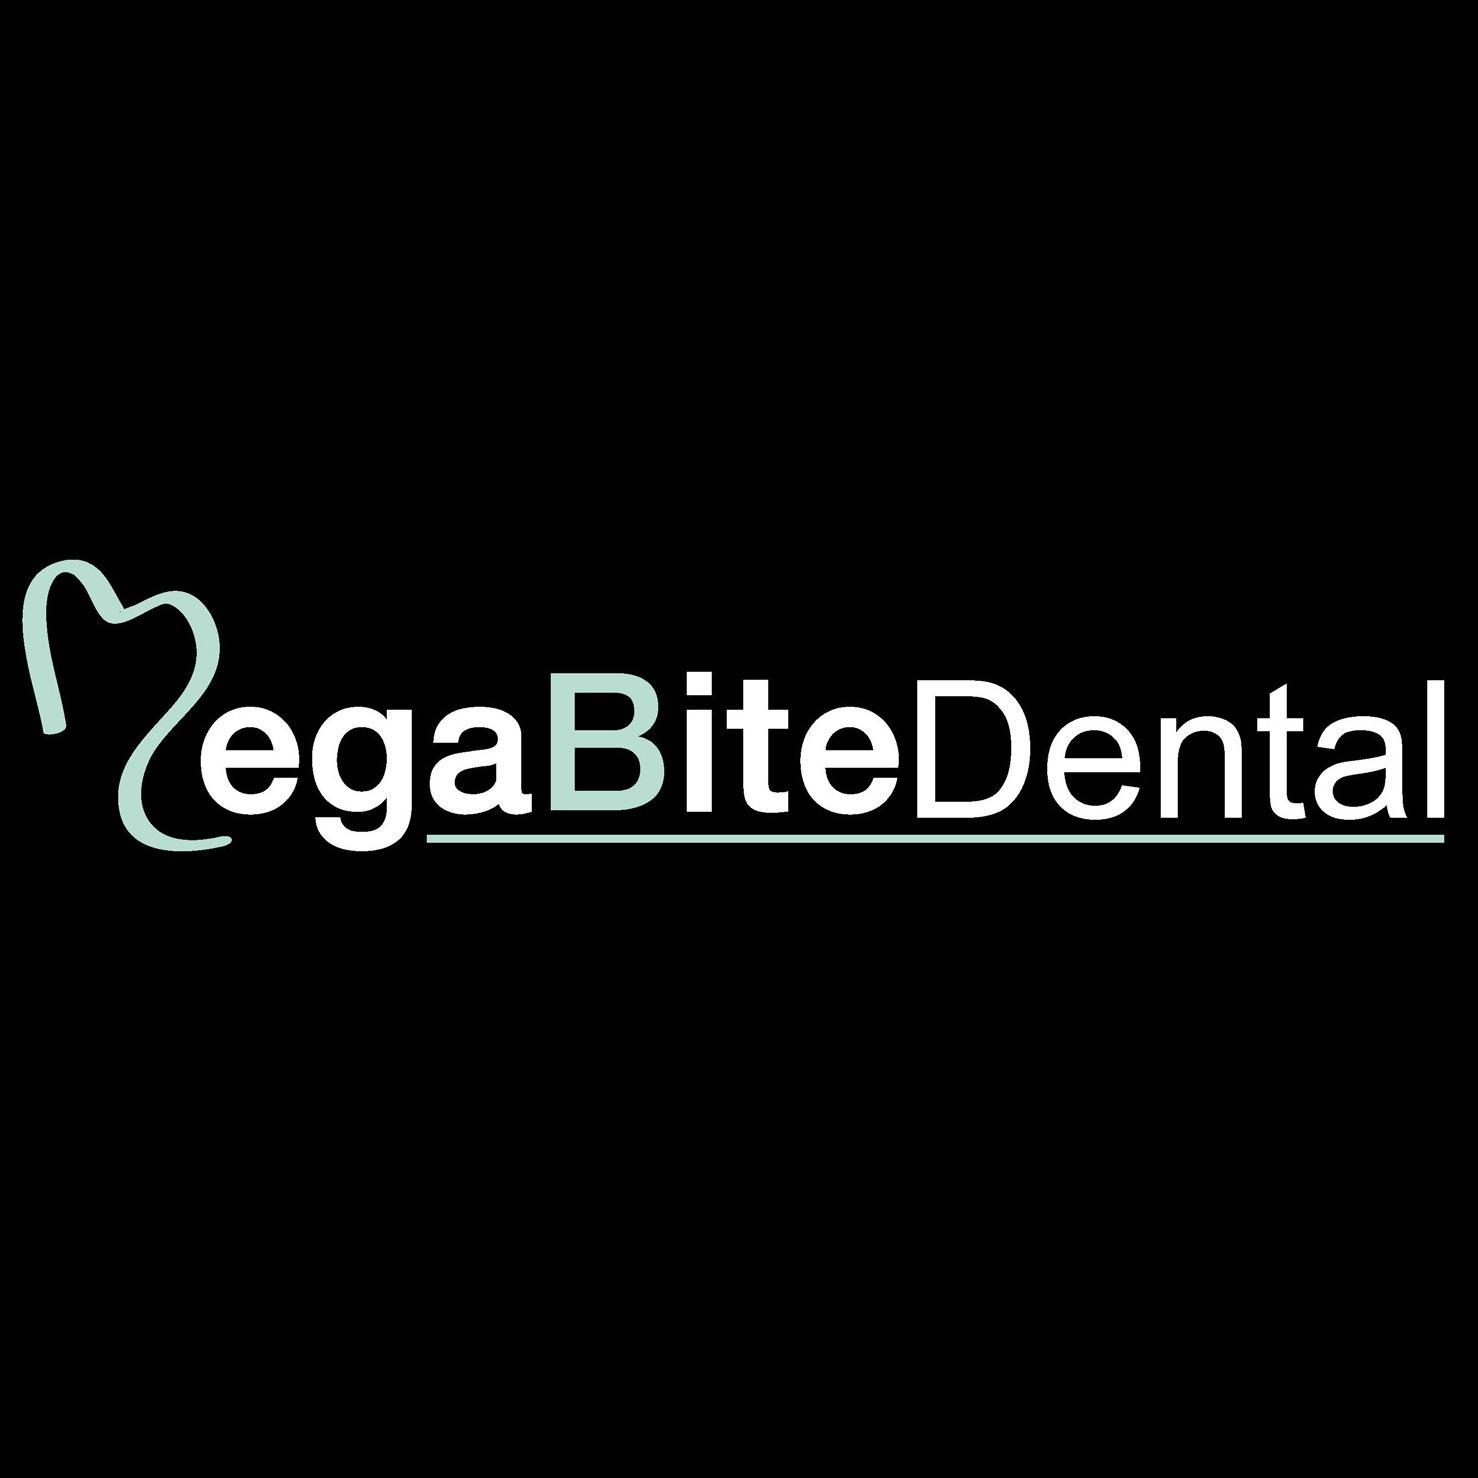 Mega Bite Dental - Mojgan Shokri, DDS